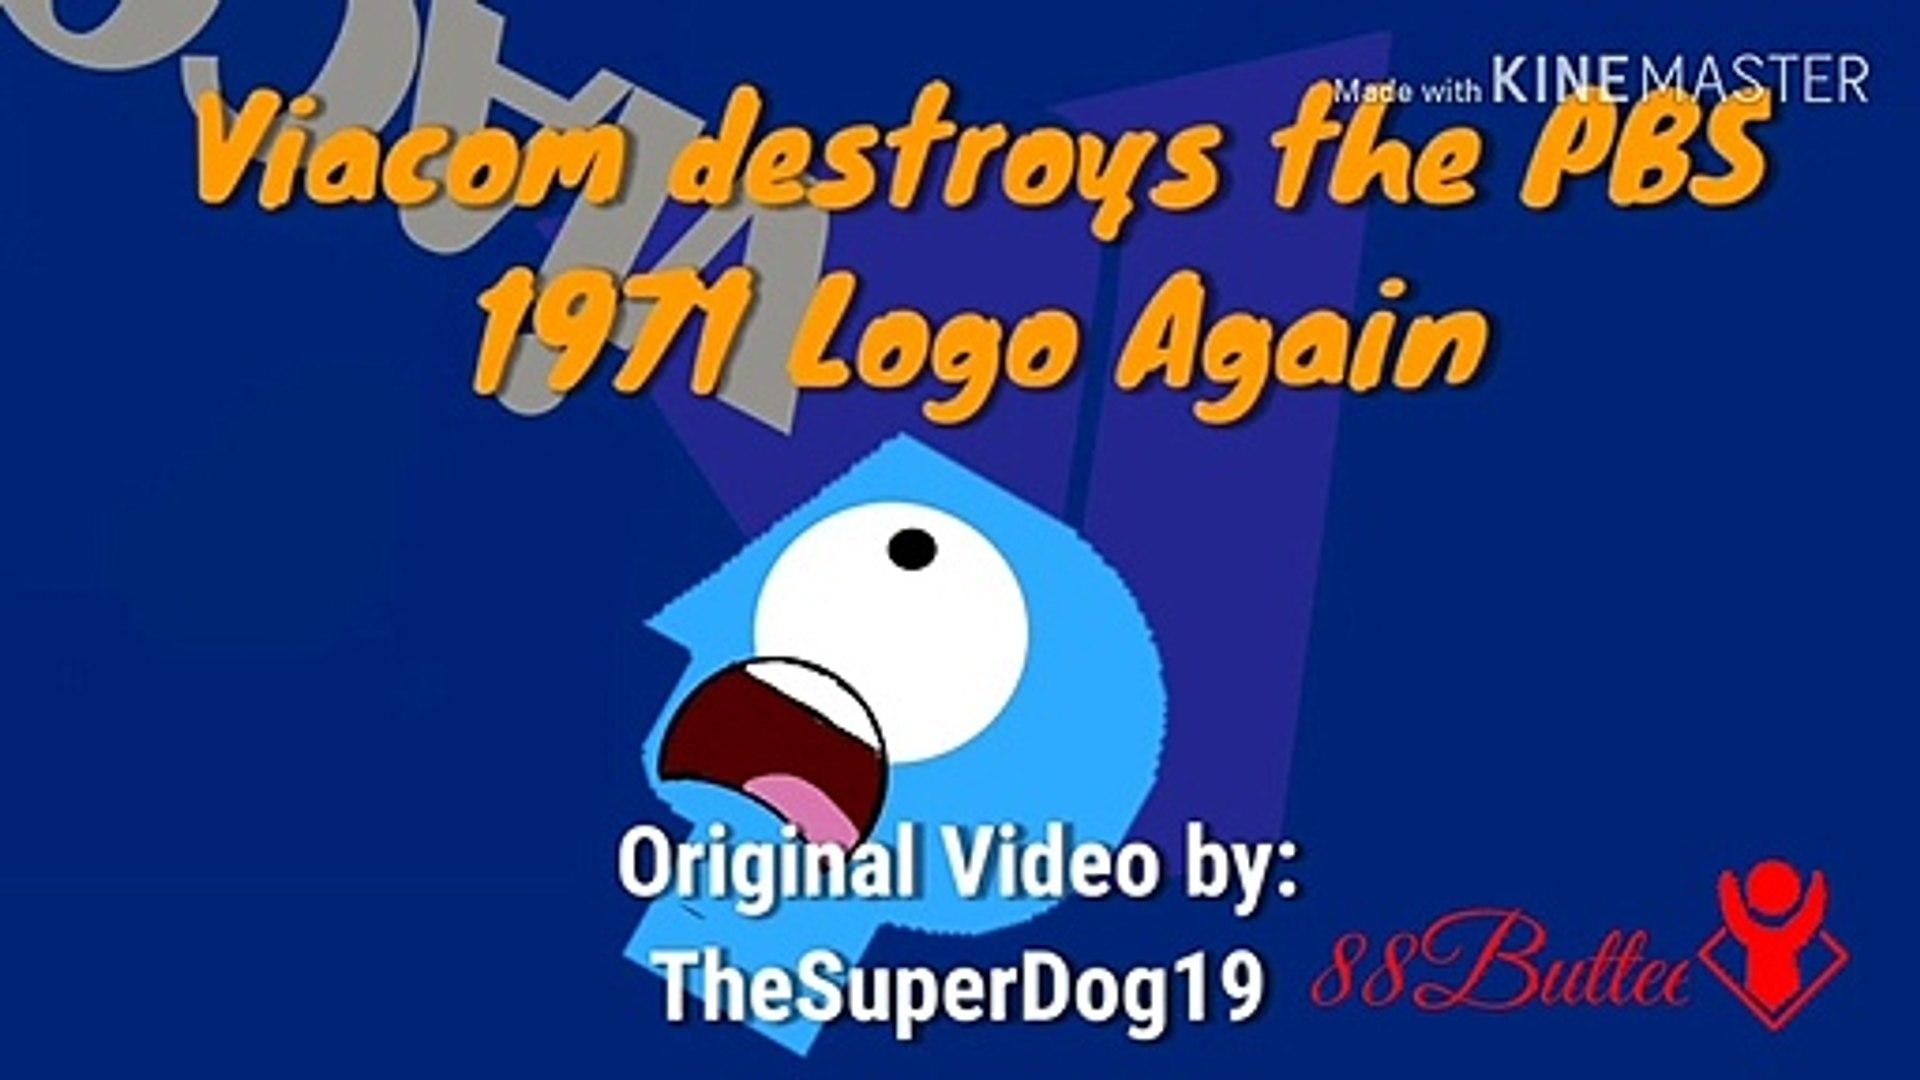 PBS Parodies Fun - Viacom destroys PBS 1971 Again